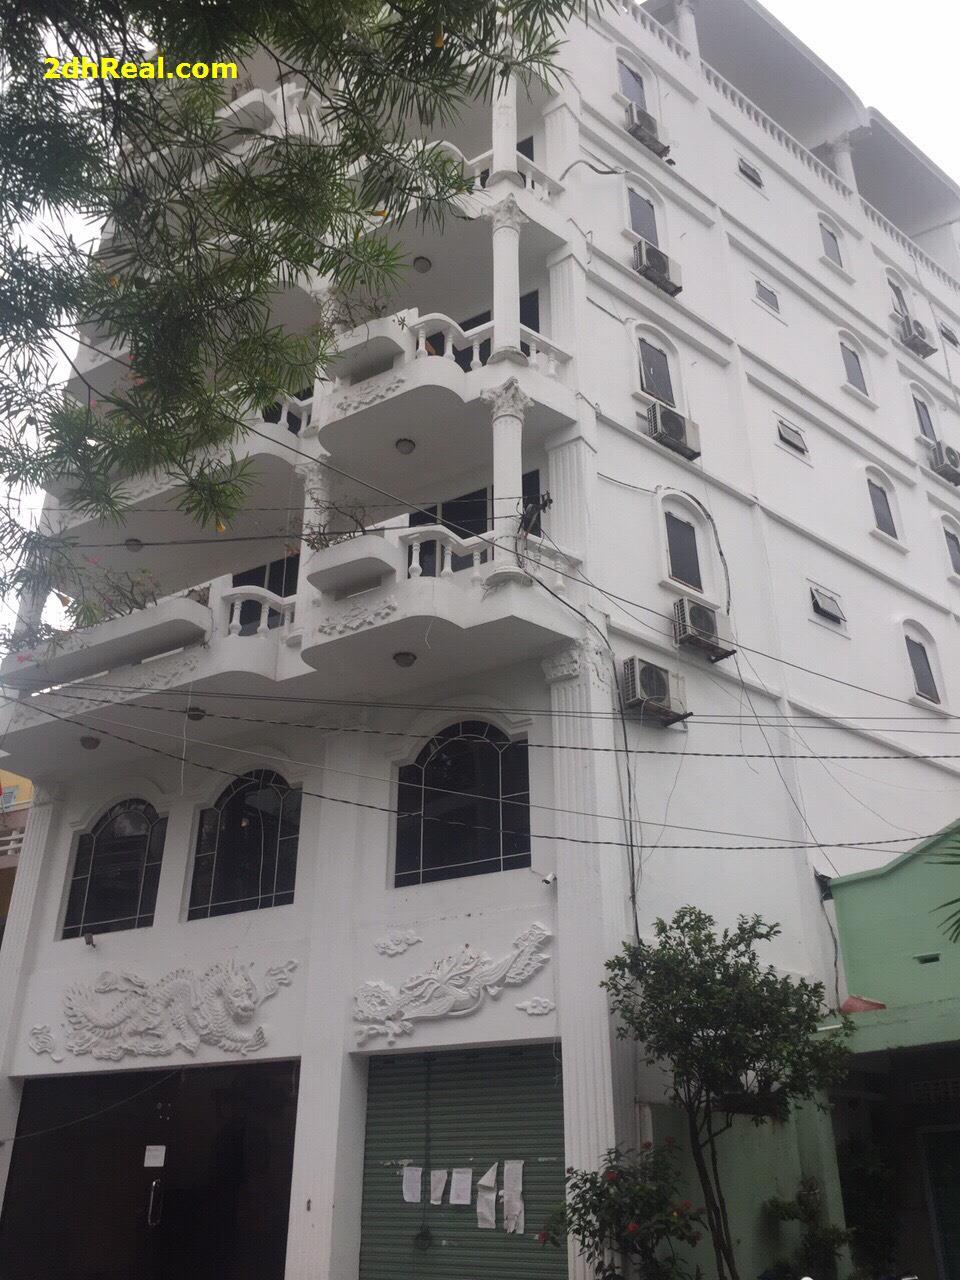 Bán Khách Sạn 56 phòng, 13-15 Nguyễn Thị Huỳnh, phường 8, quận Phú Nhuận Gía : 61 tỷ